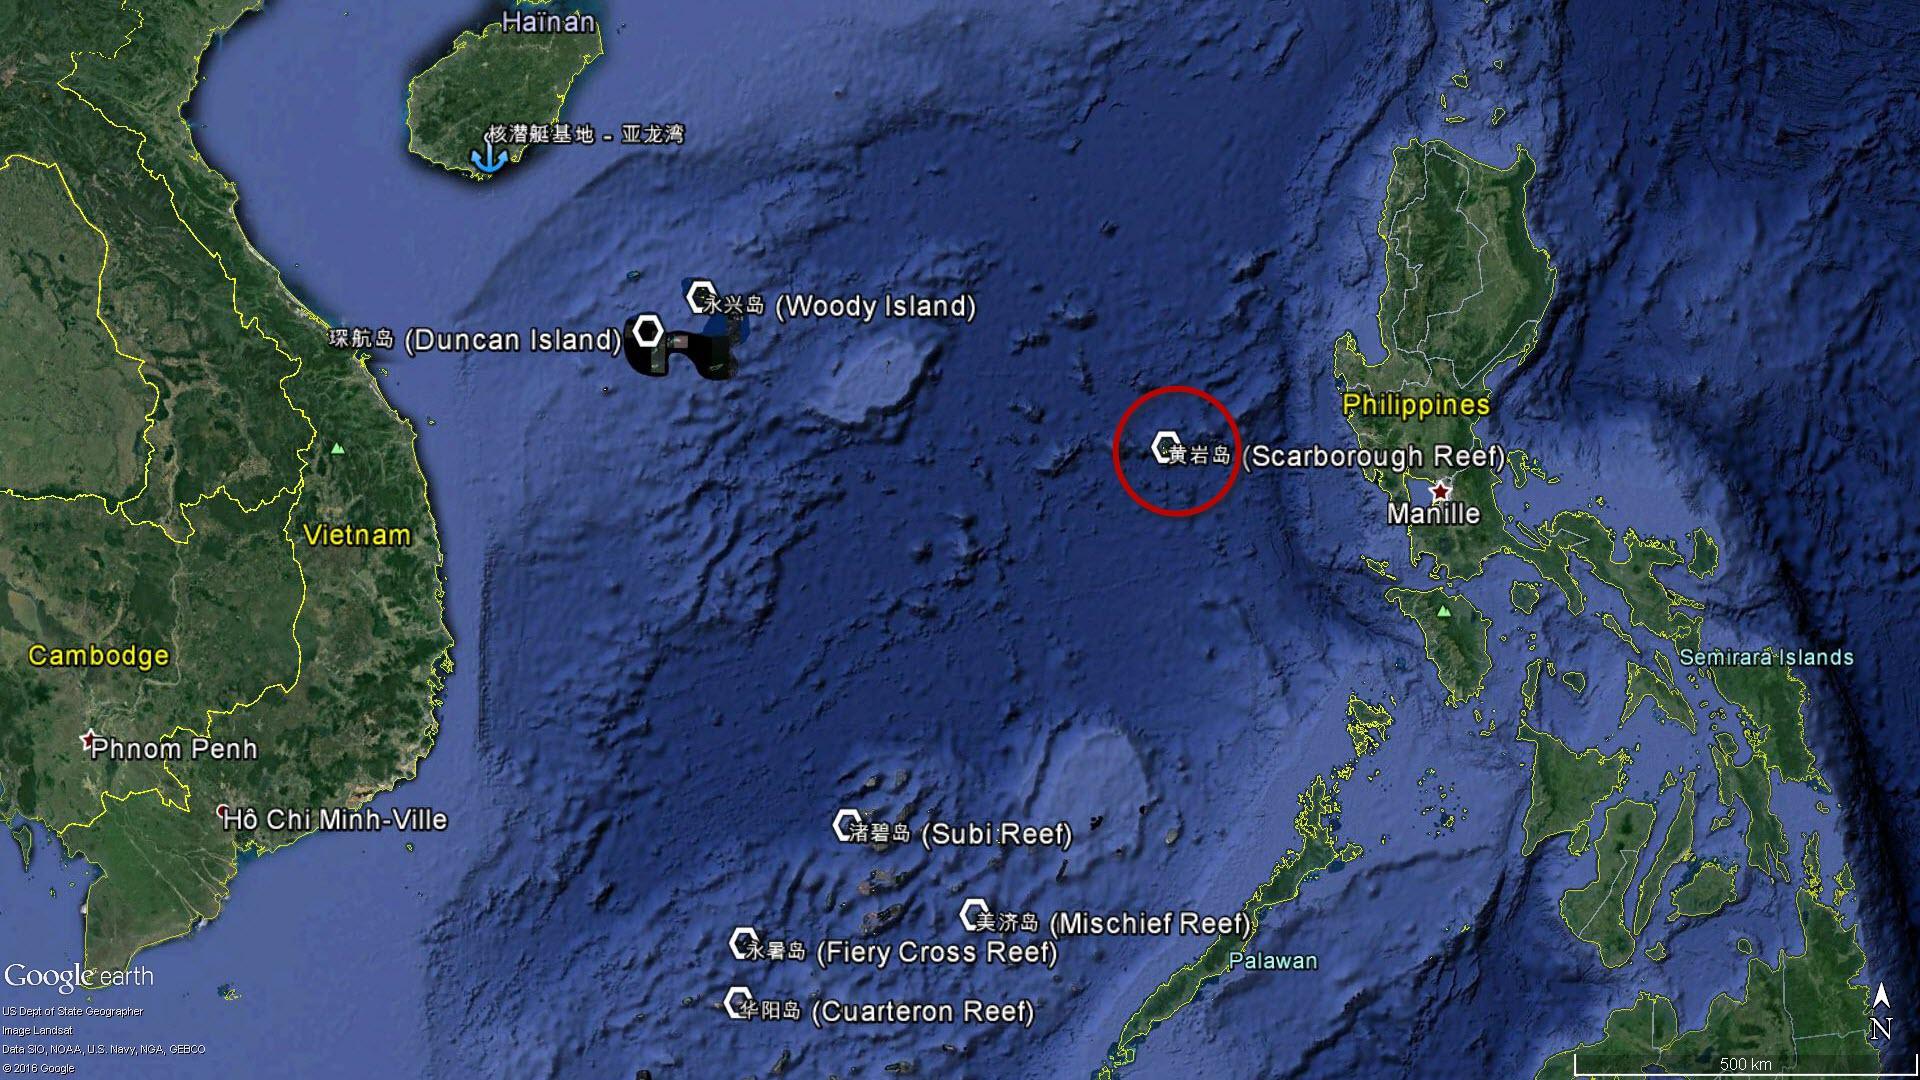 La localisation du récif de Scarborough en mer de Chine méridionale